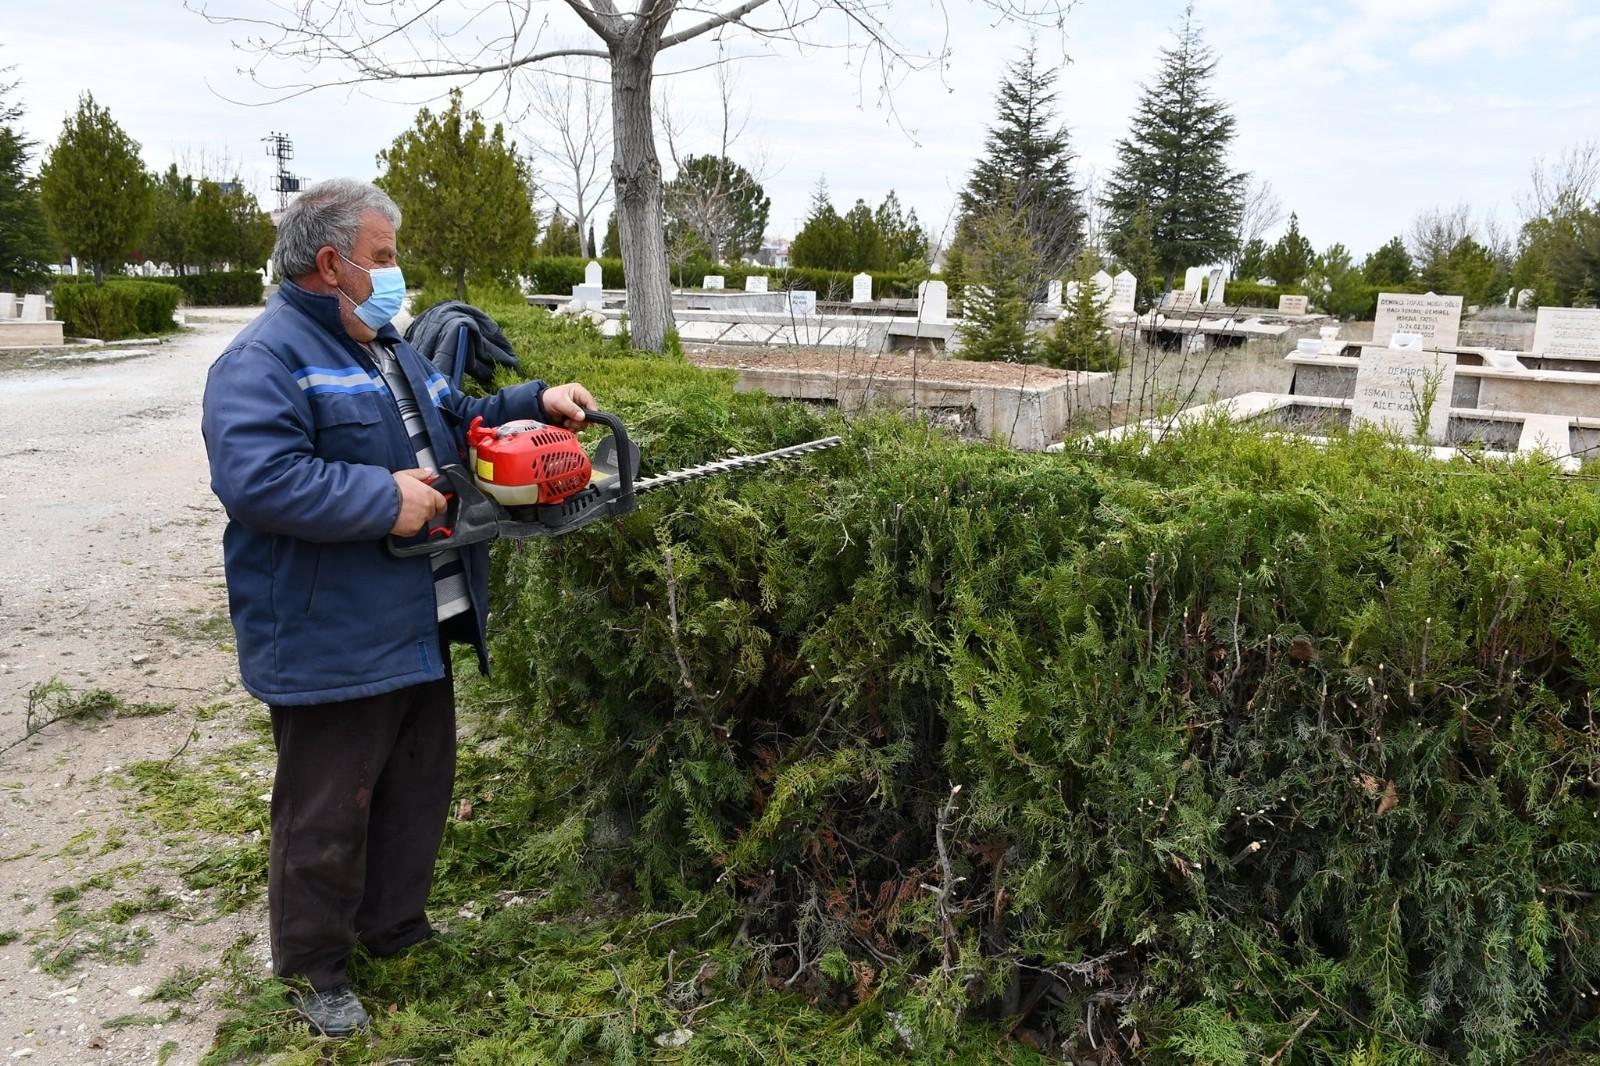 Afyonkarahisar'da mezarlıklar temizlenerek bayrama hazırlandı